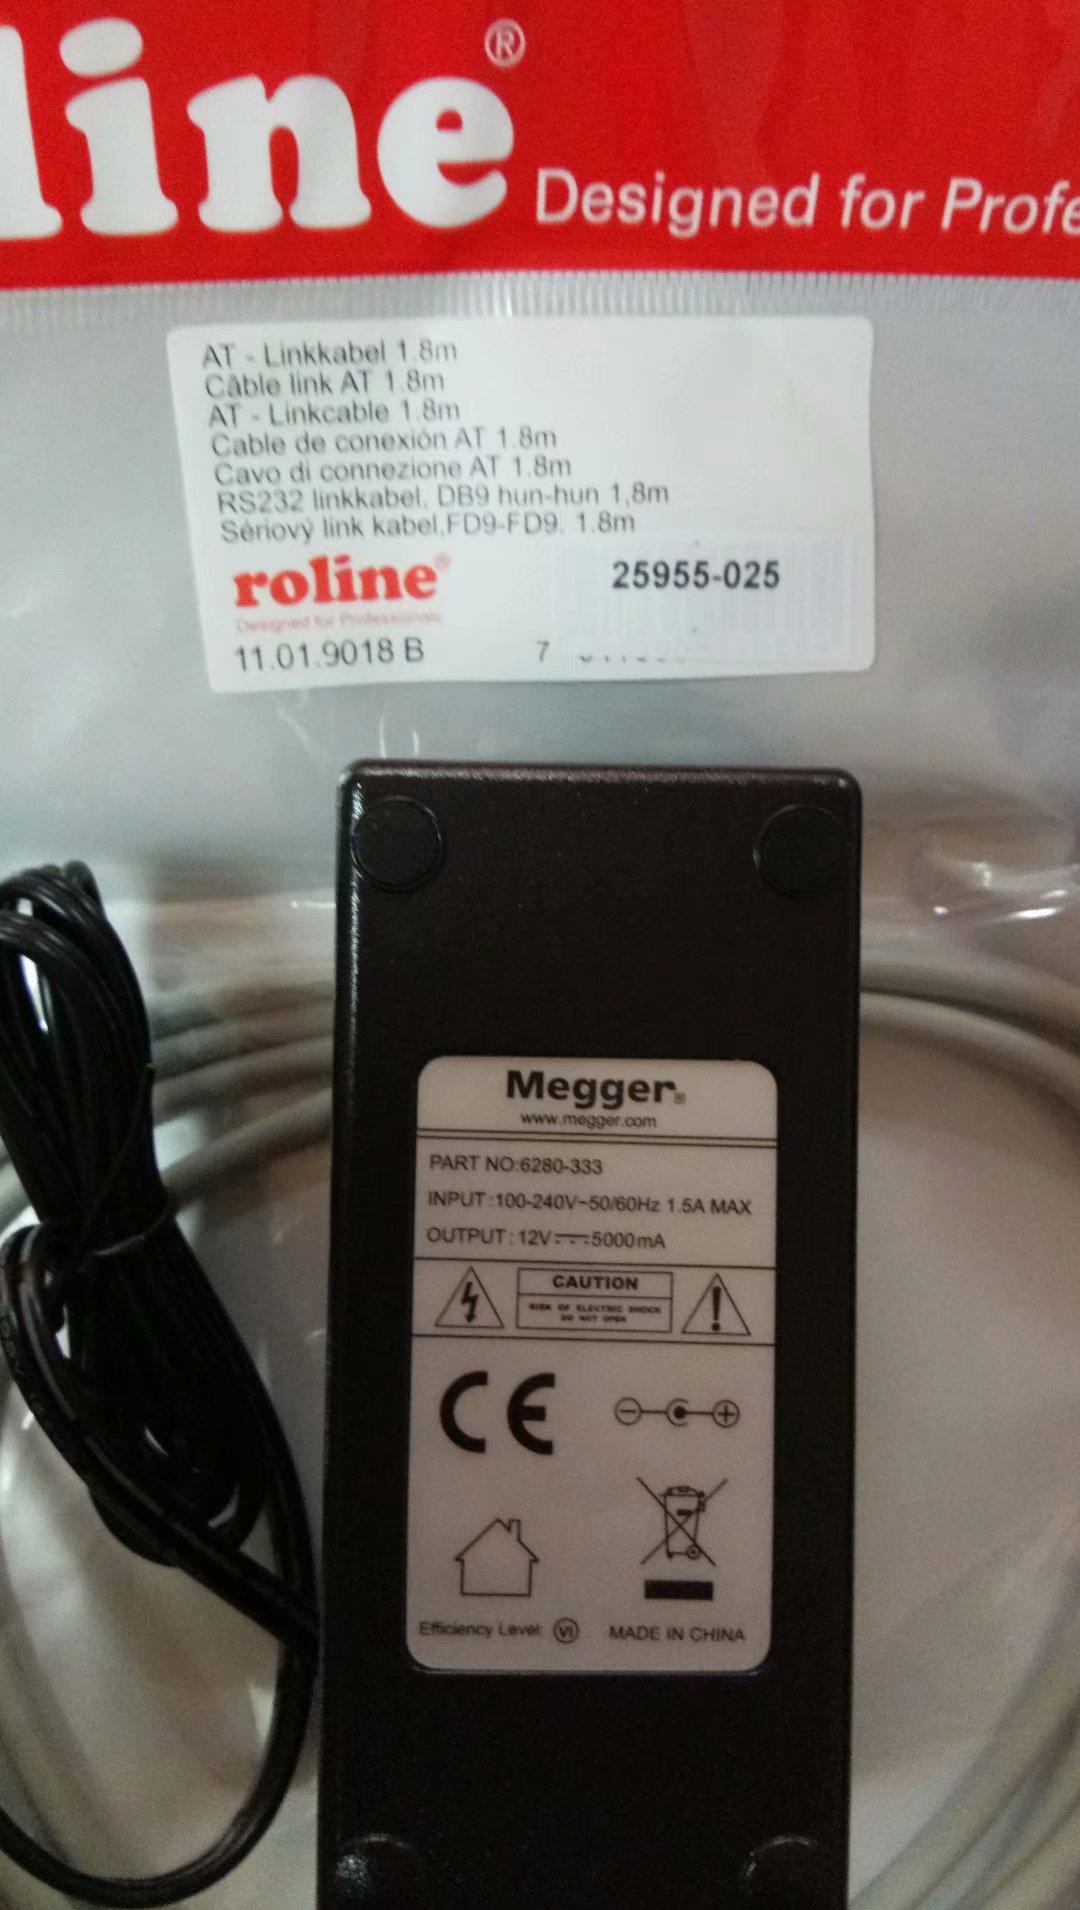 MEGGER 6280-333